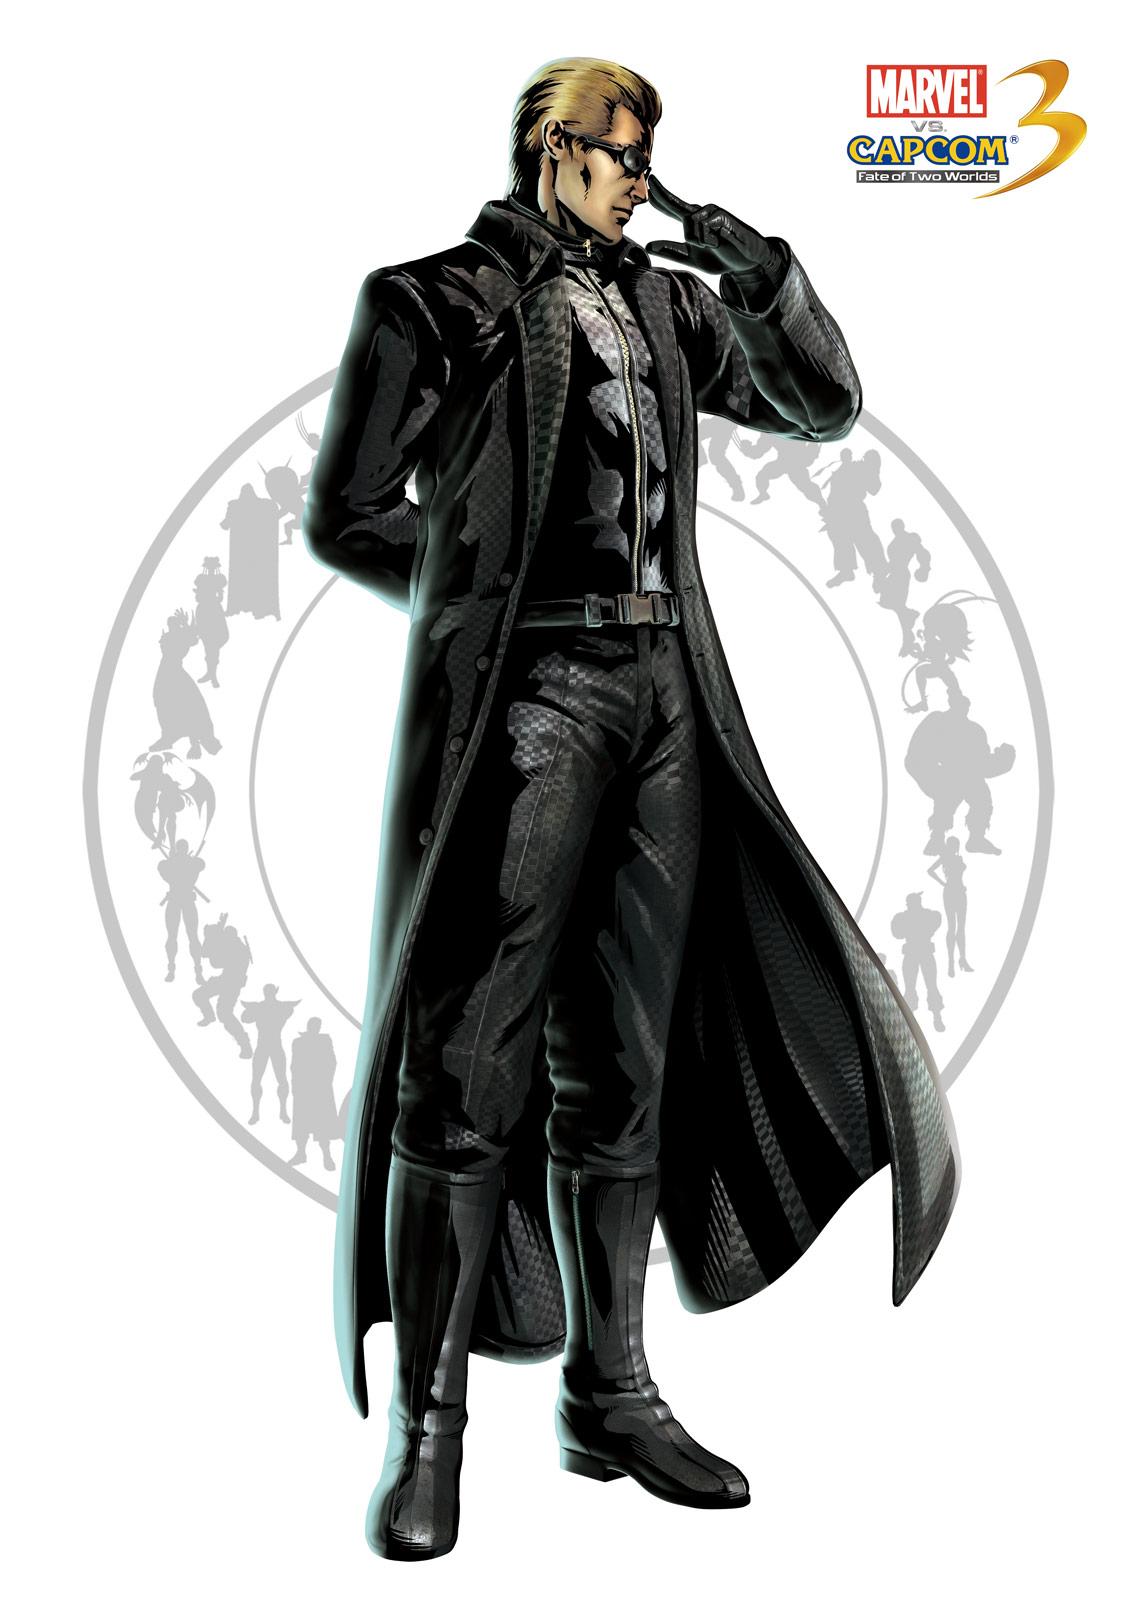 Wesker artwork for Marvel vs. Capcom 3